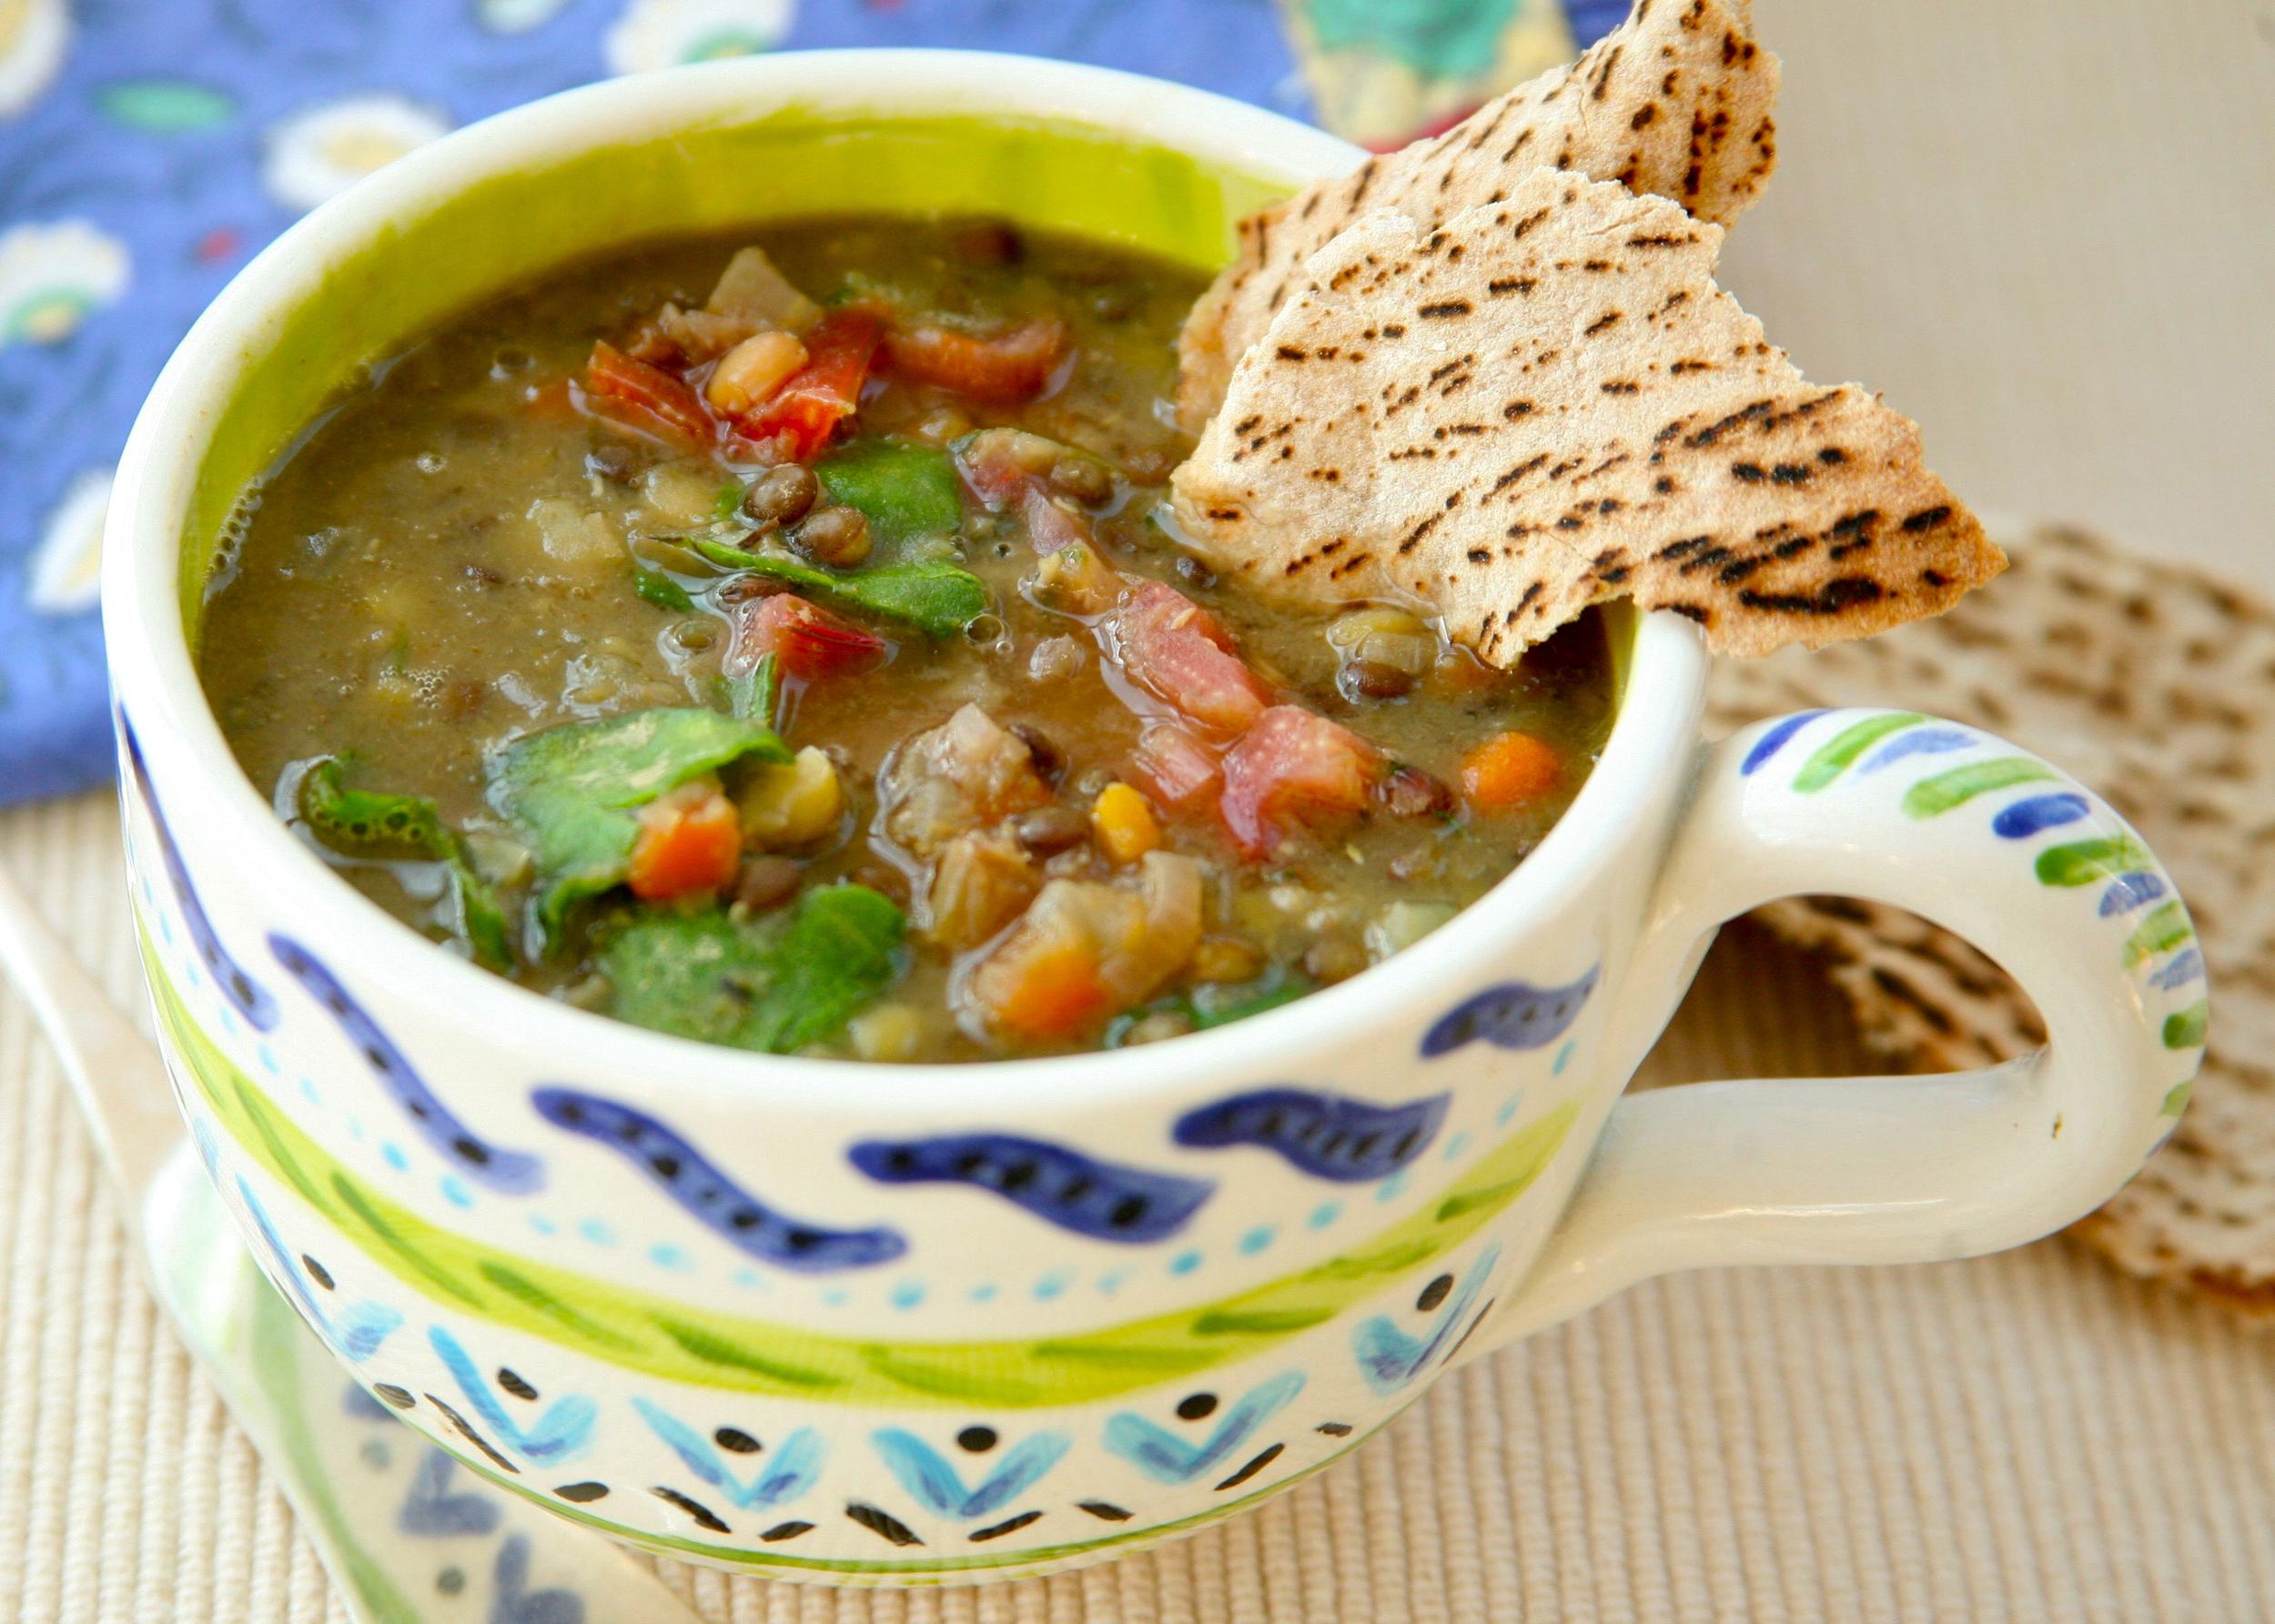 Tri-colored lentil soup